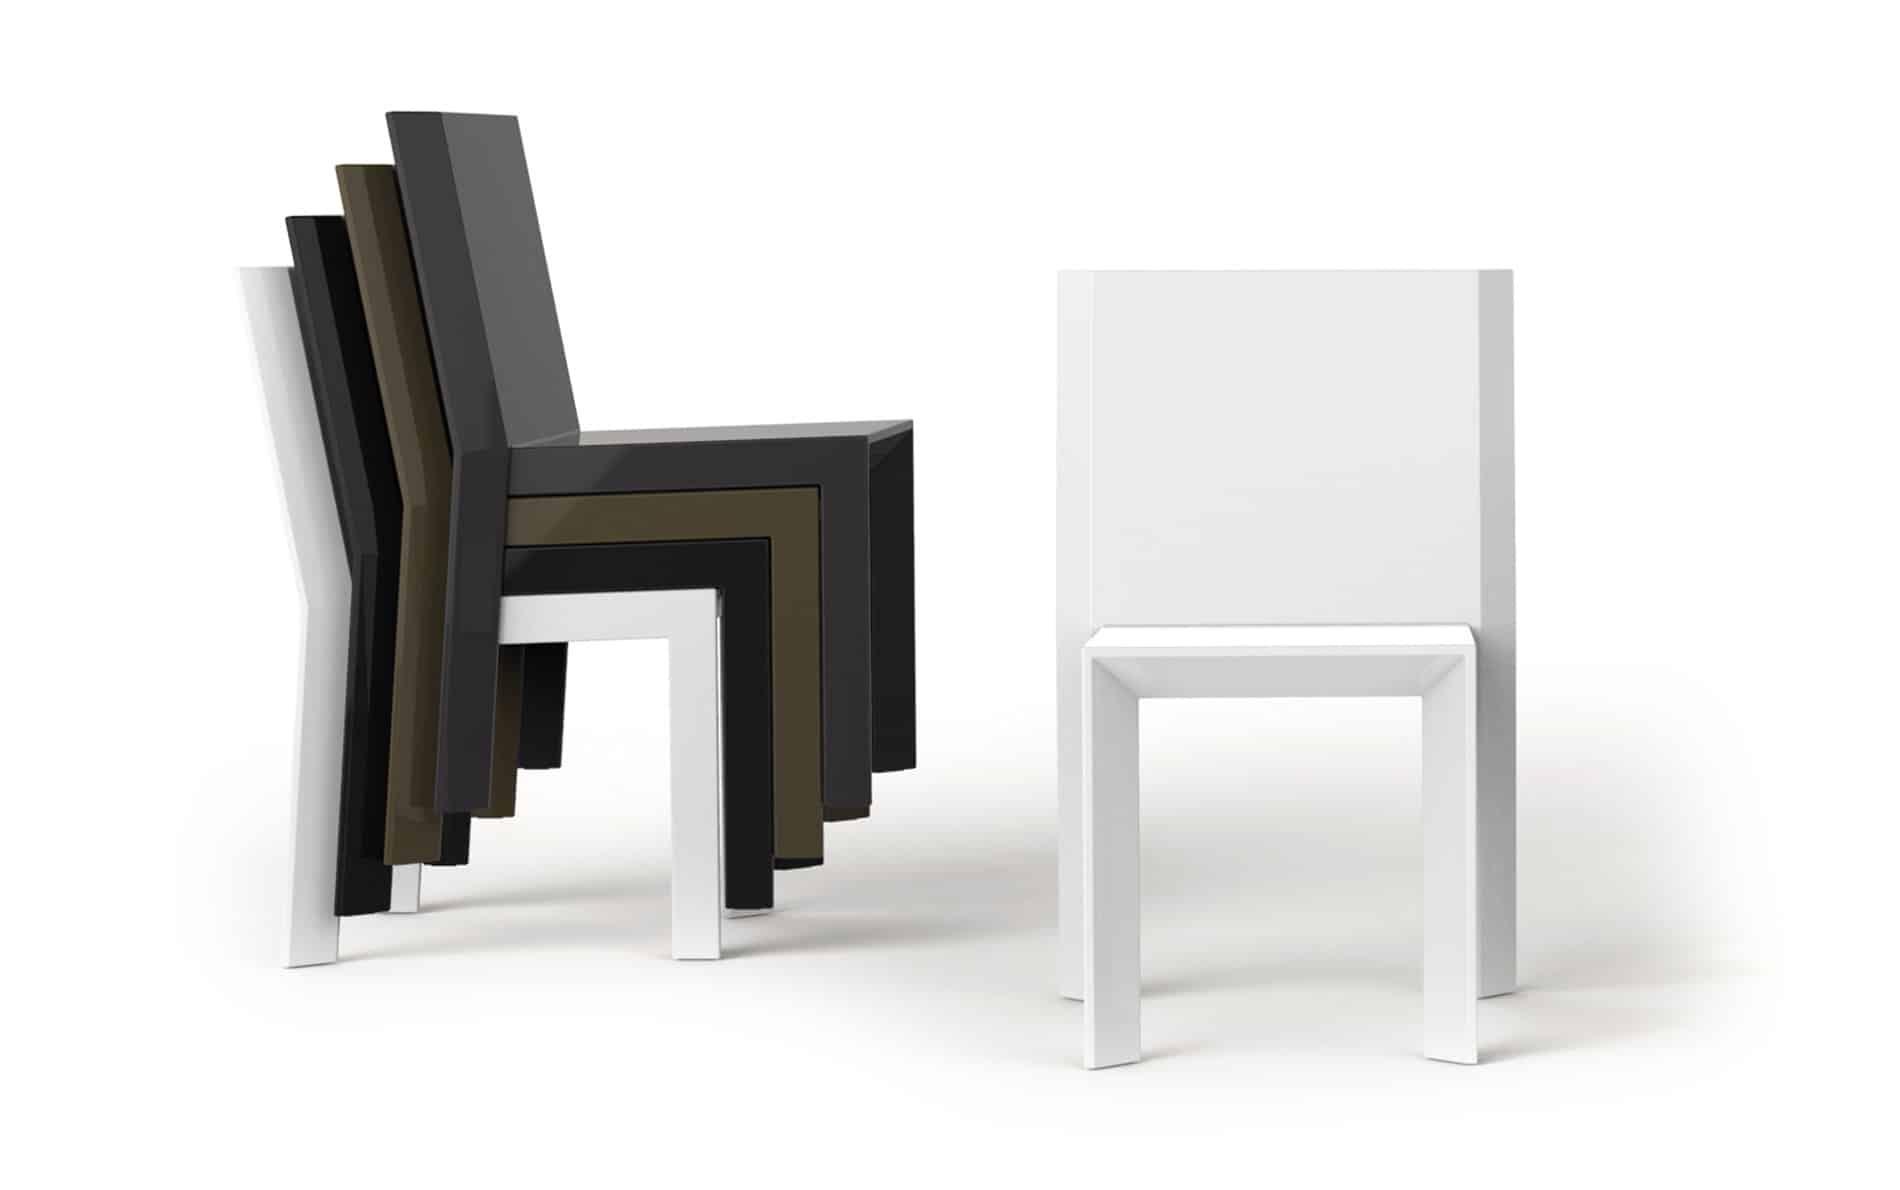 schlafzimmer zirbe modern tags schlafzimmer zirbe modern gardinen g nstig hamburg wandfarbe. Black Bedroom Furniture Sets. Home Design Ideas